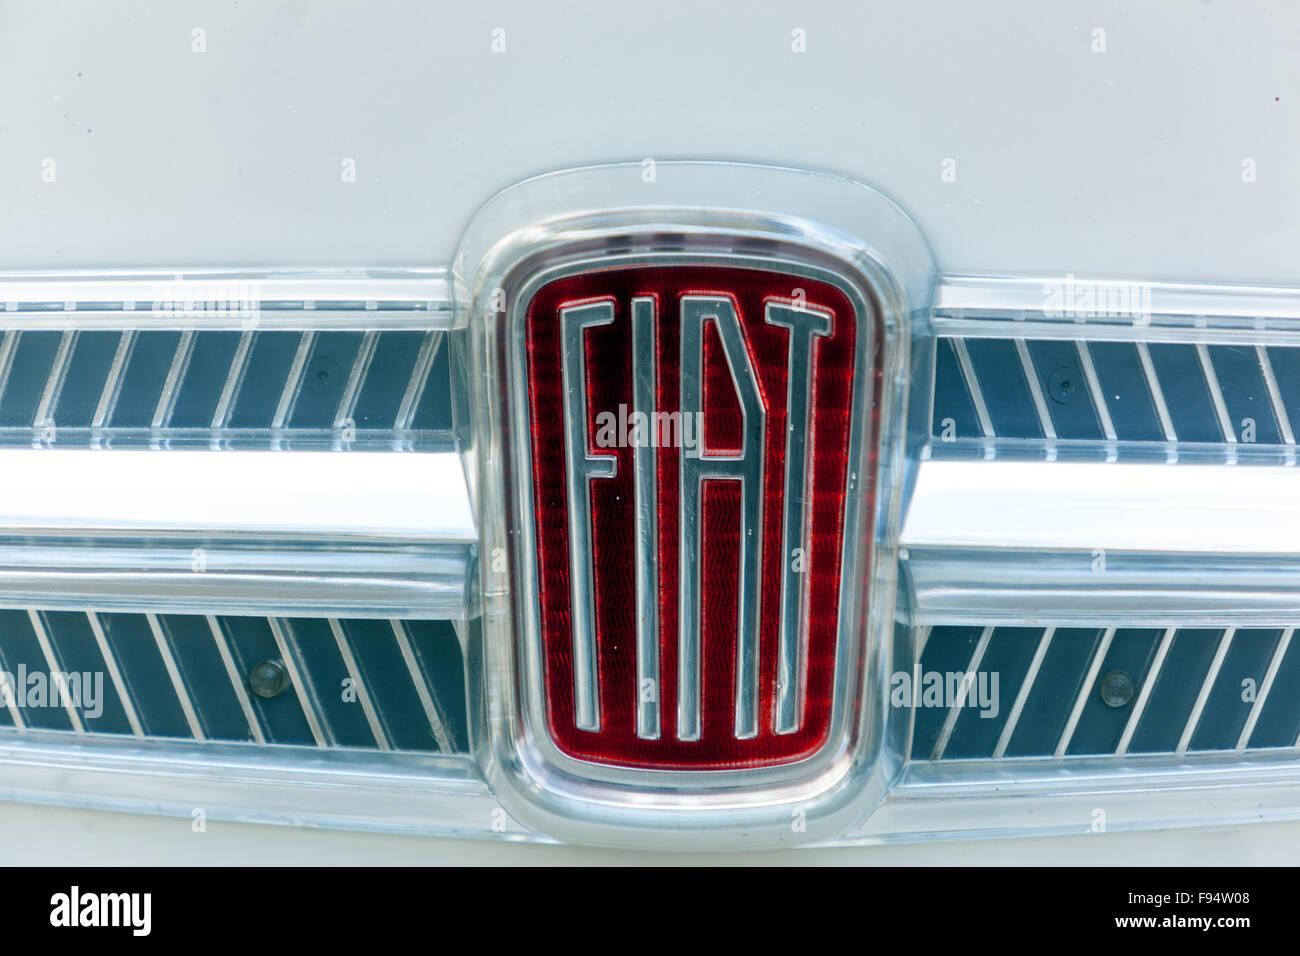 Older car logo Fiat sign - Stock Image